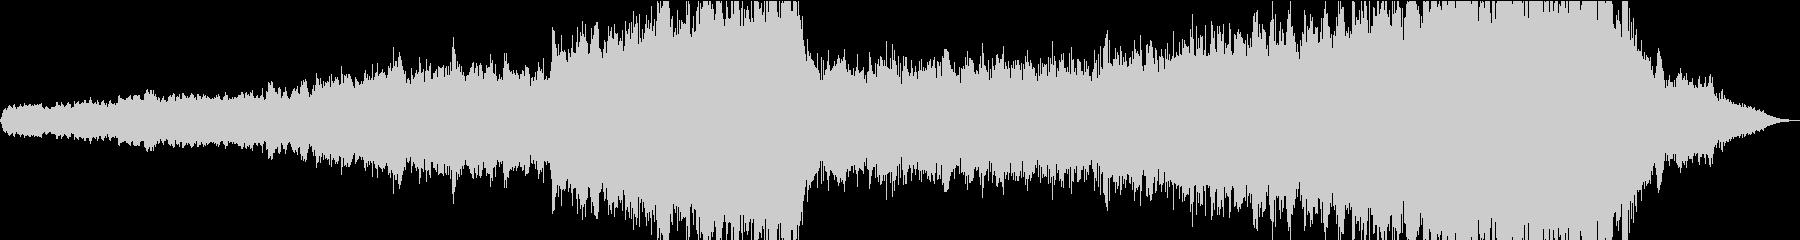 現代的 交響曲 ドラマチック 弦楽器の未再生の波形